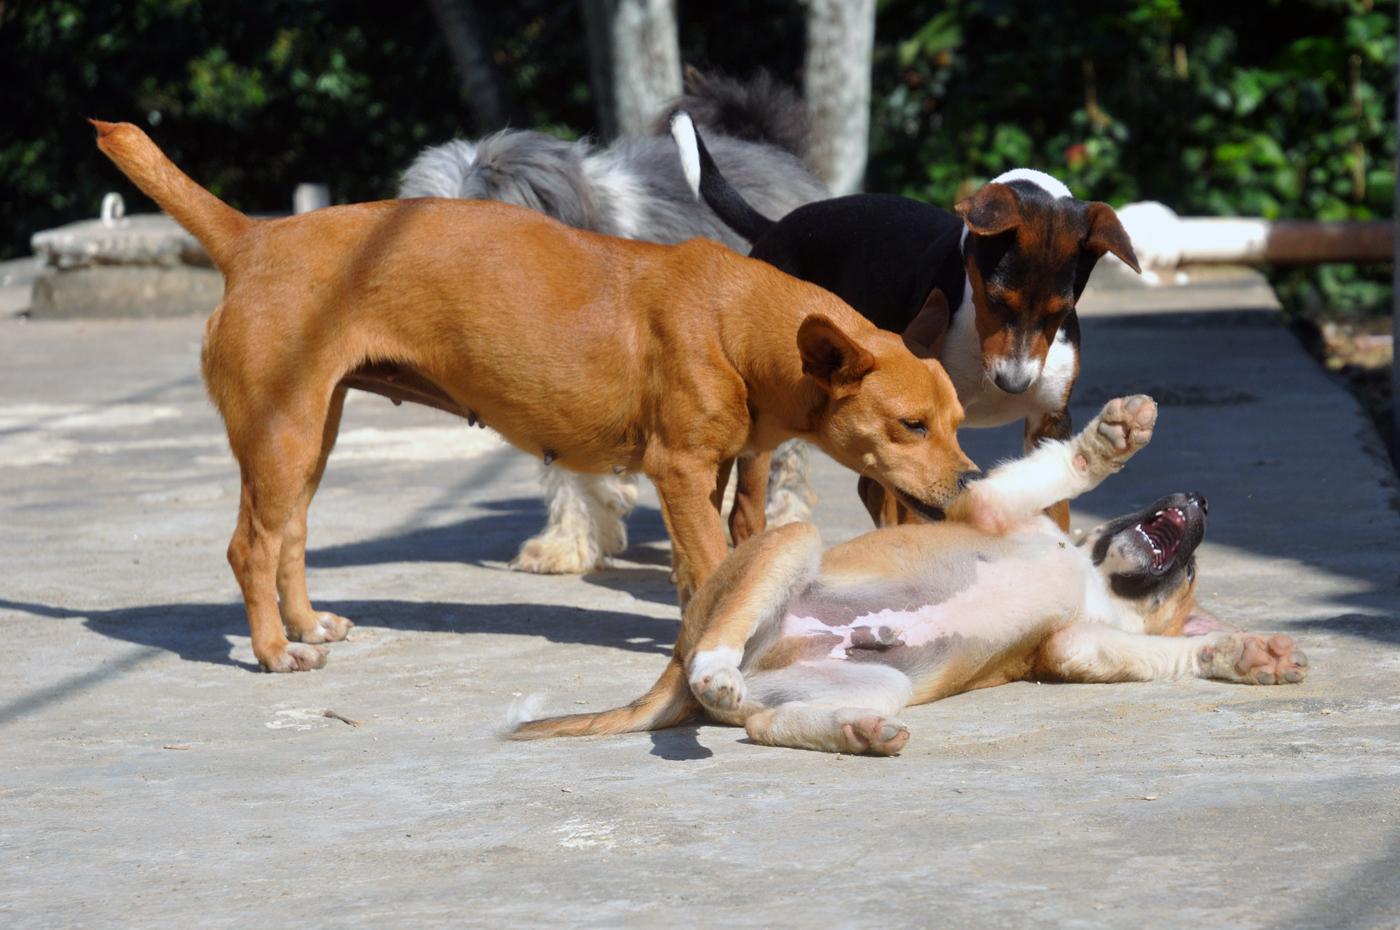 Zahlreiche Hunde und Katzen laufen frei durch die Gässchen der Favela und toben oder dösen in der Sonne. (Bild: Andreas Lerg)